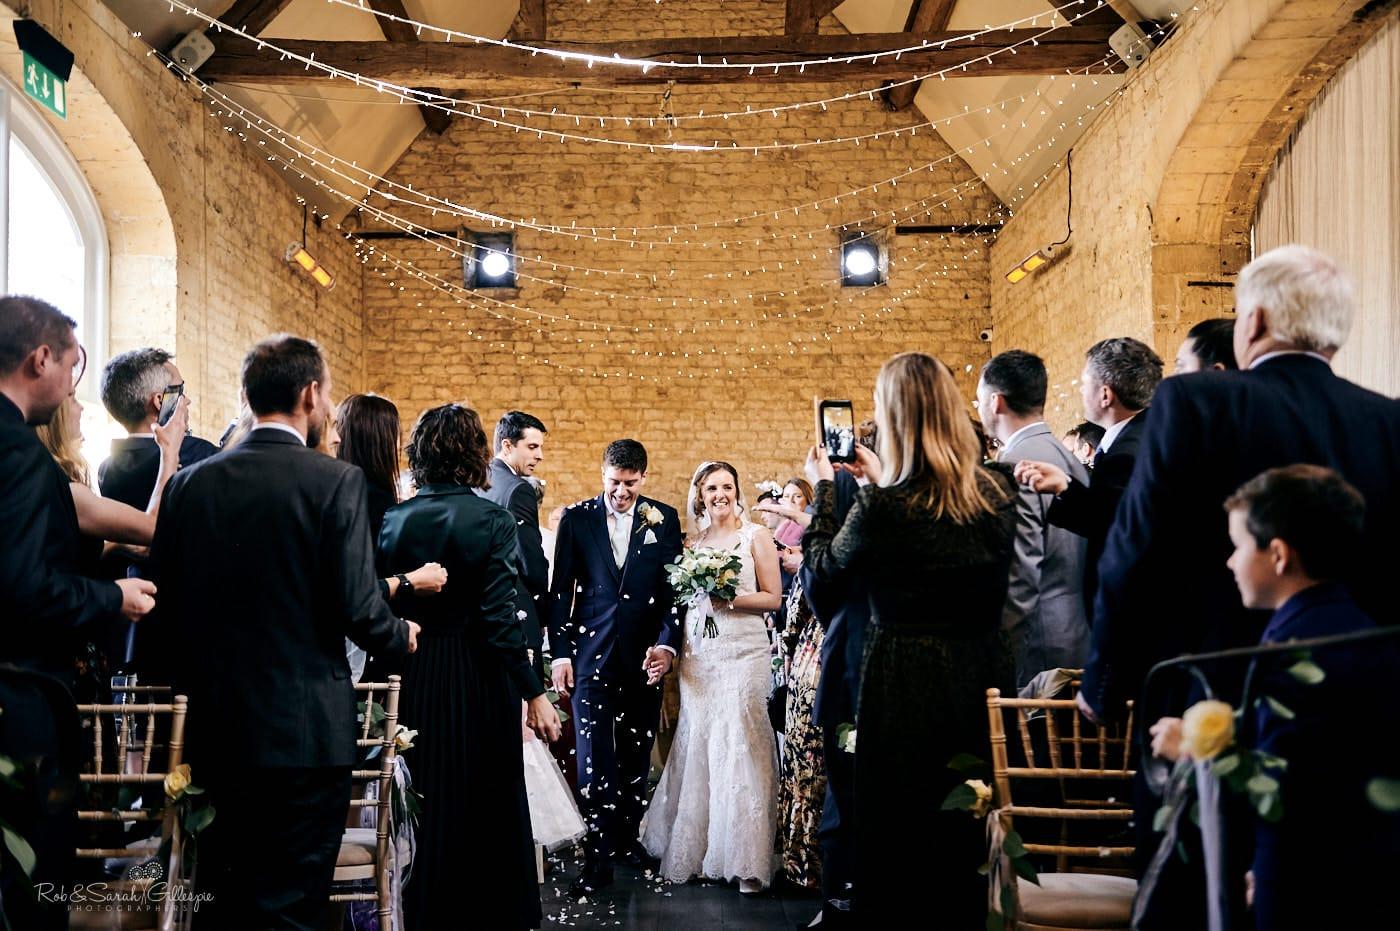 Lapstone Barn wedding confetti